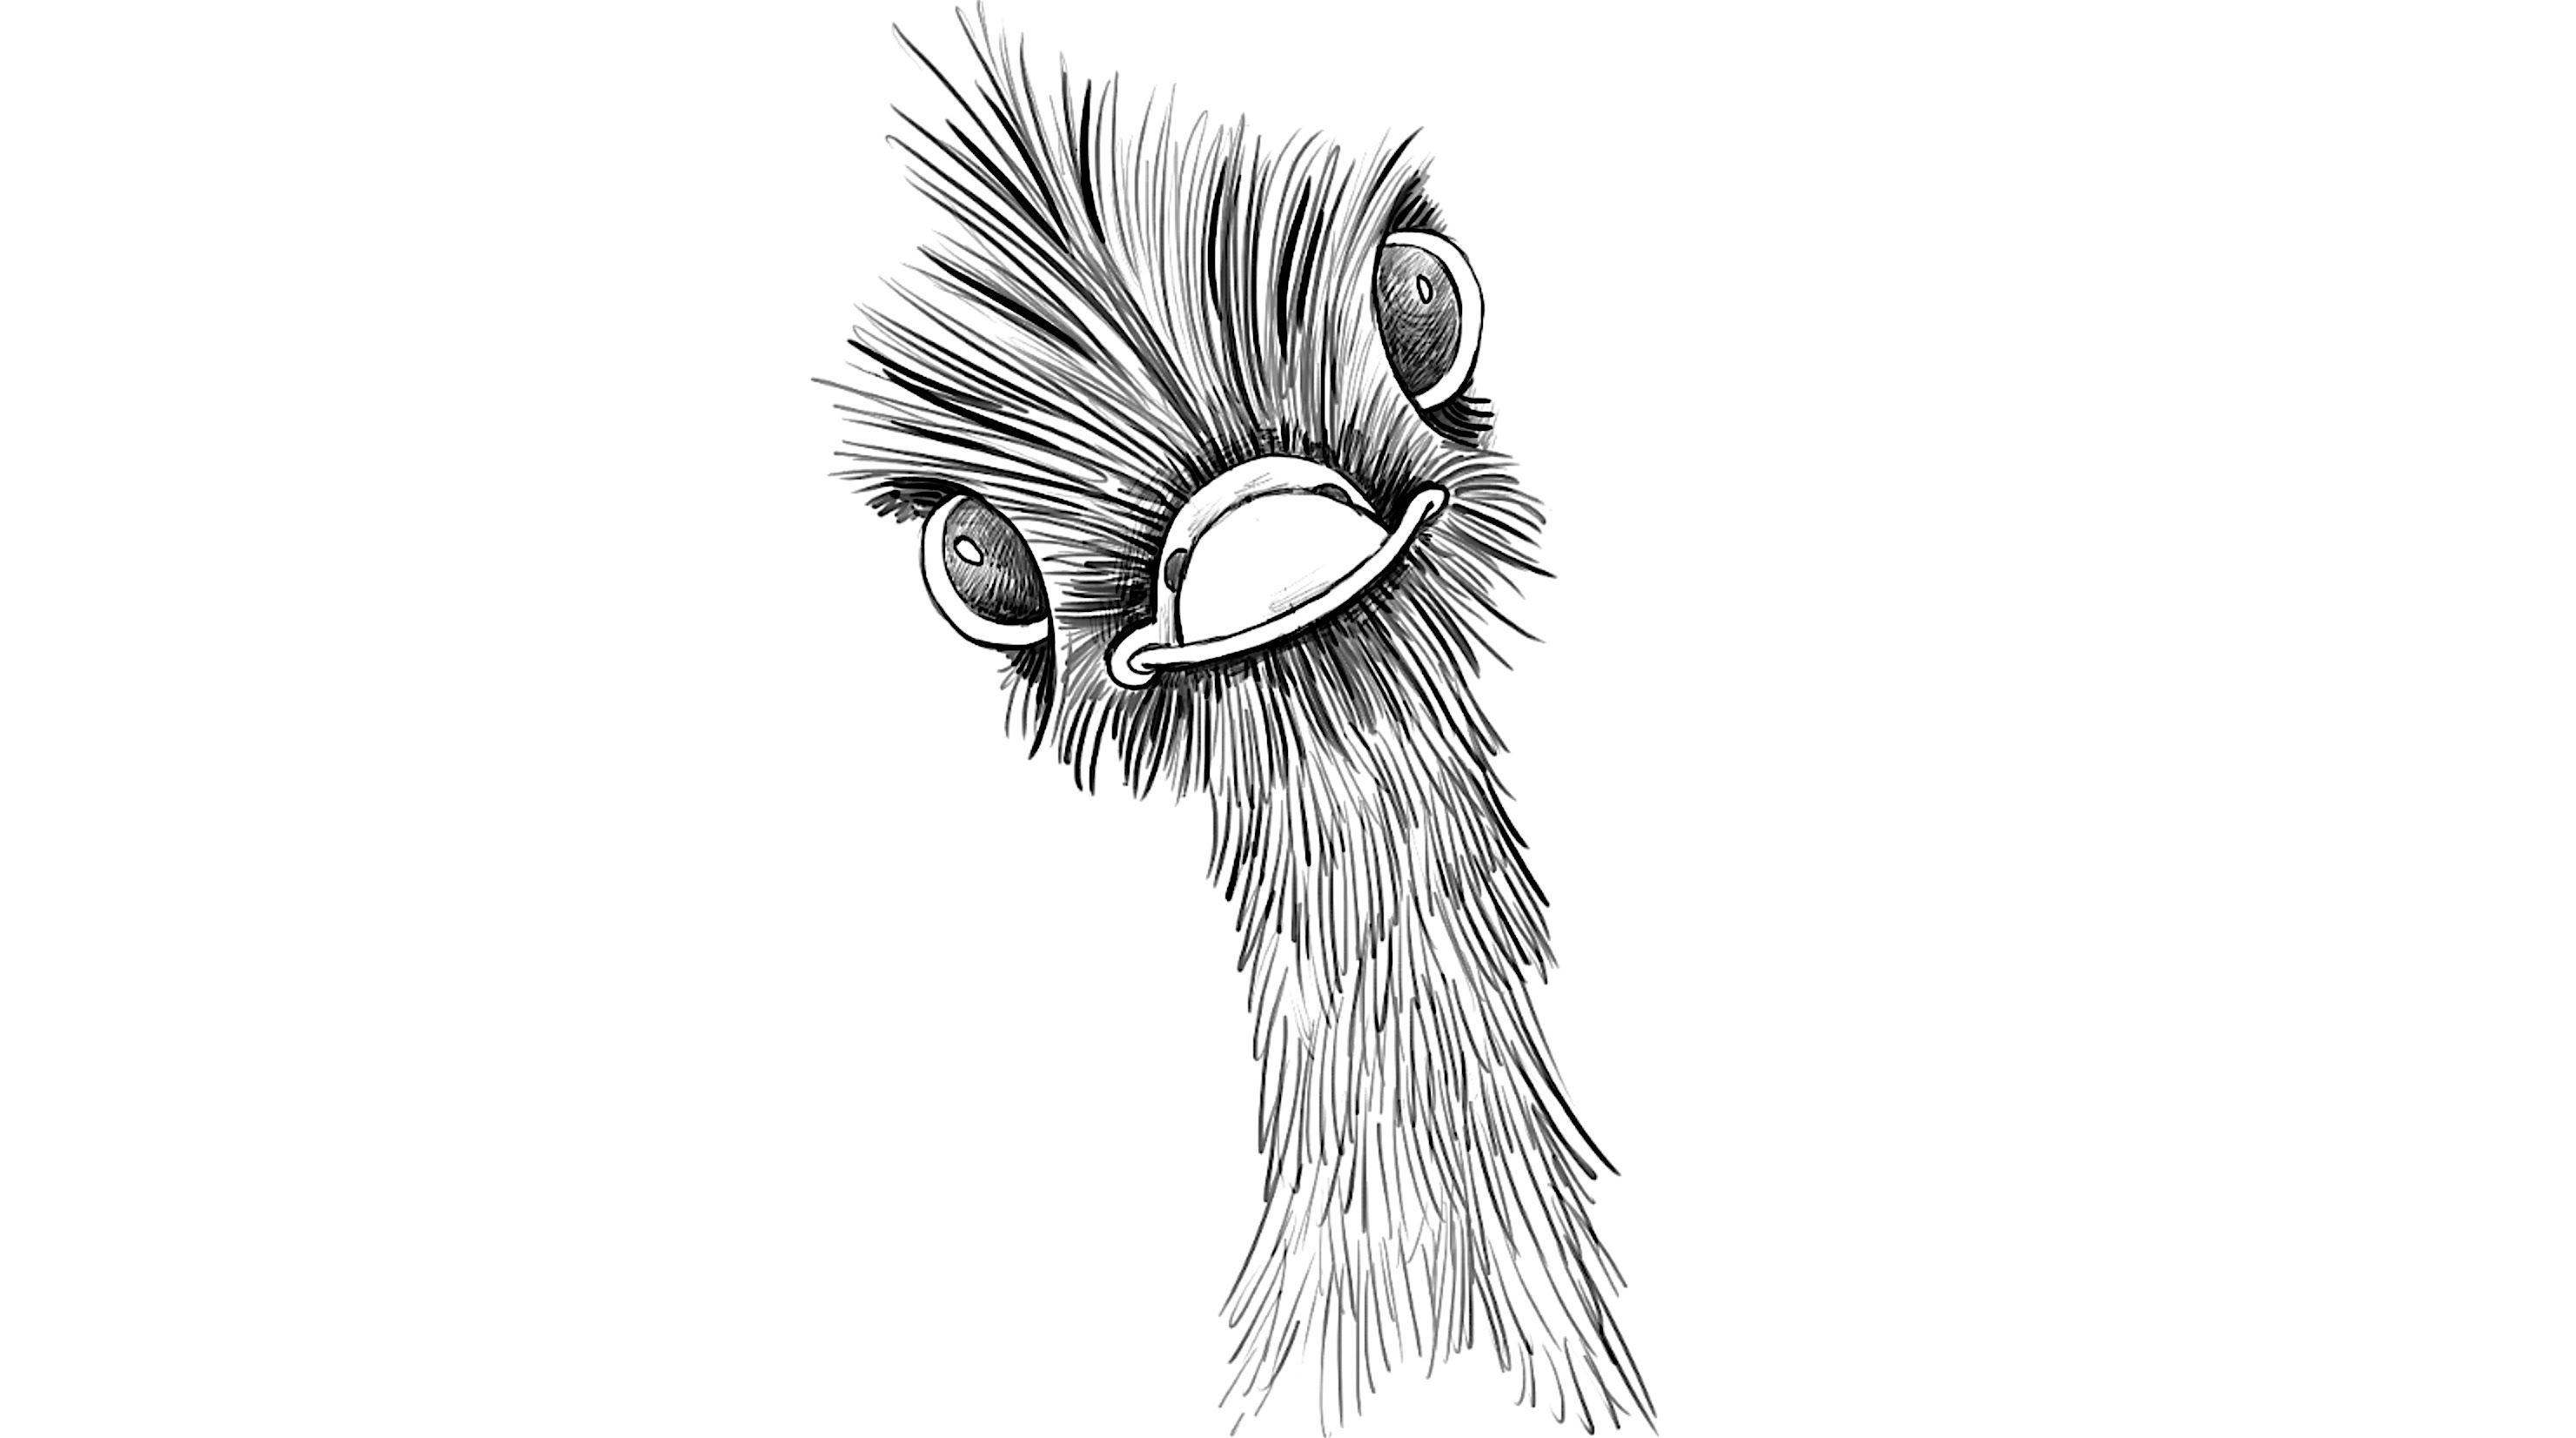 Картинка страуса голова для детей раскраска